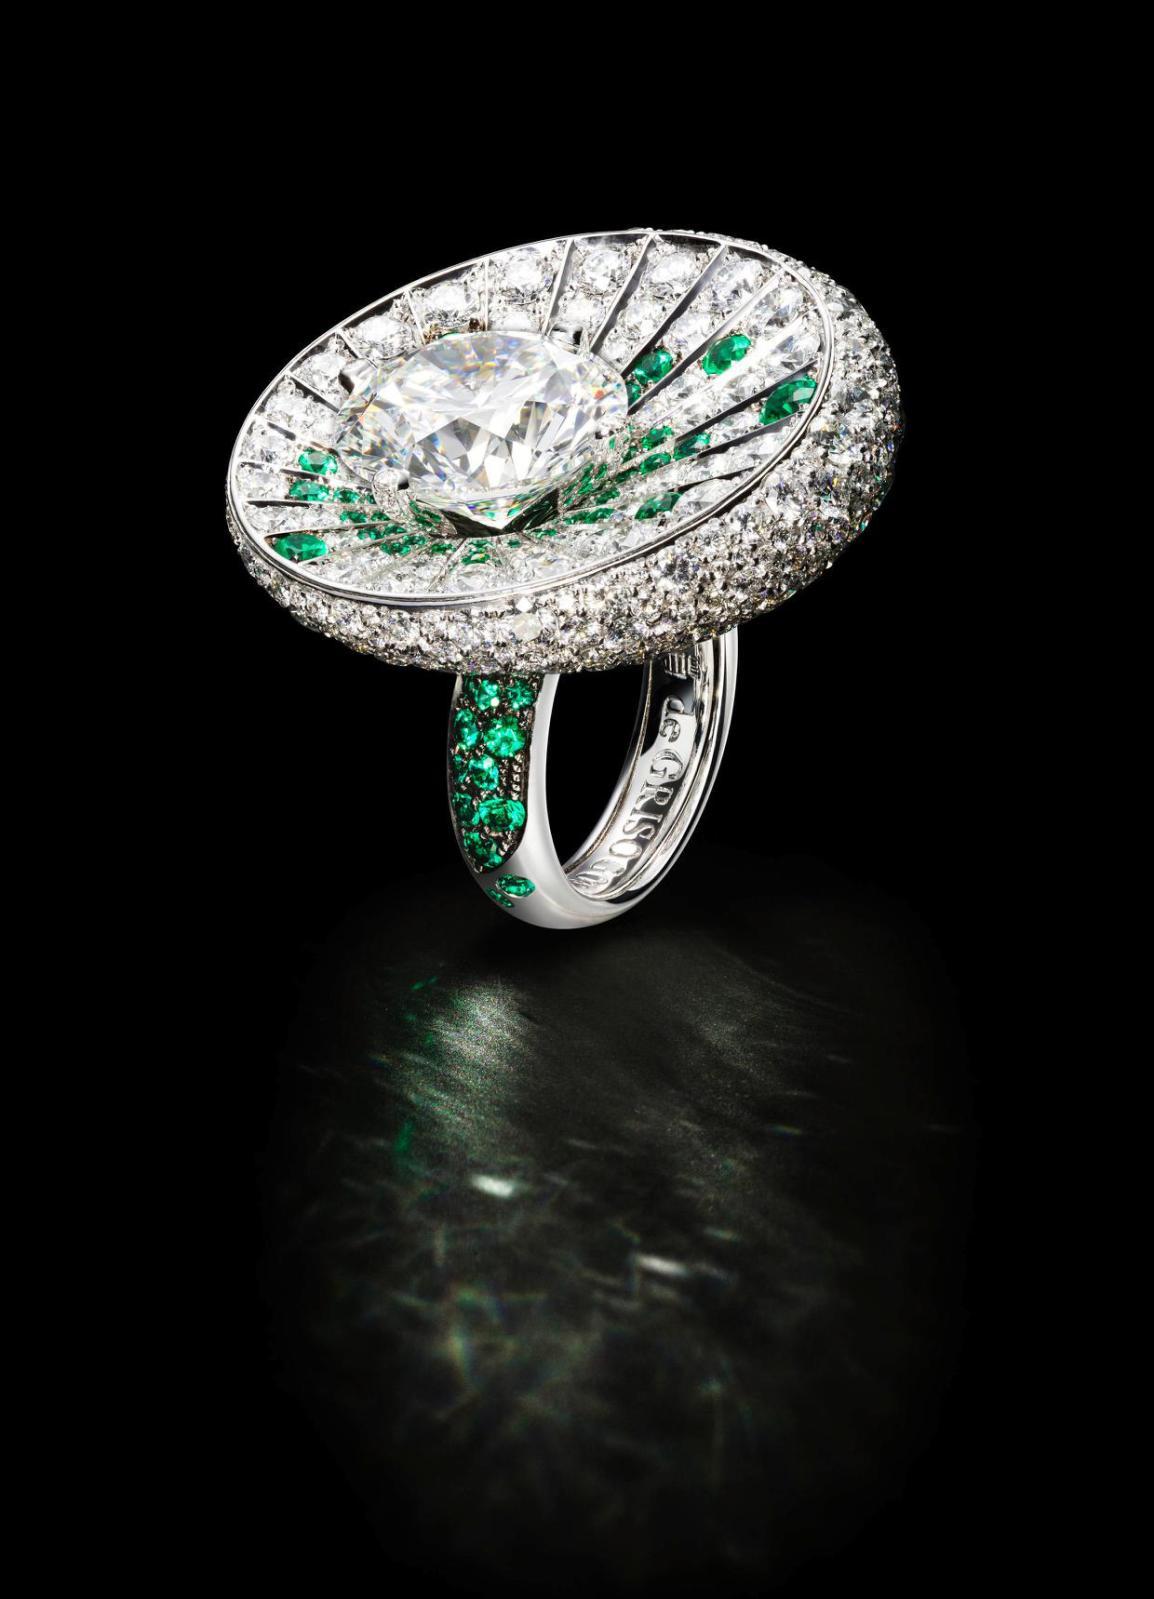 Bague en or blanc sertie d'un diamant rond de 10,15ct, de 84émeraudes pour 1,20ct et de 387diamants blancs pour 8,97ct. De Grisogono.